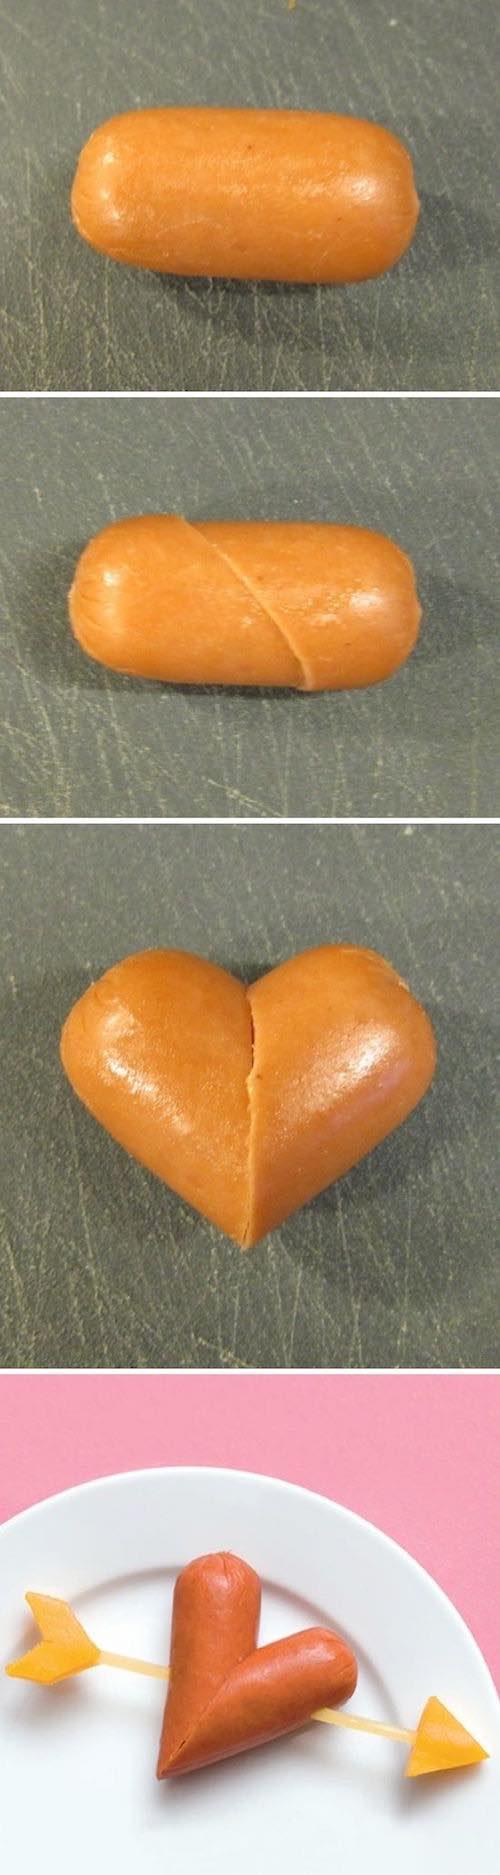 Originales Recetas para San Valentin para el Almuerzo: Una salchicha de cóctel cortada al bies, con un toothpick y queso para terminarlo en forma de flecha.